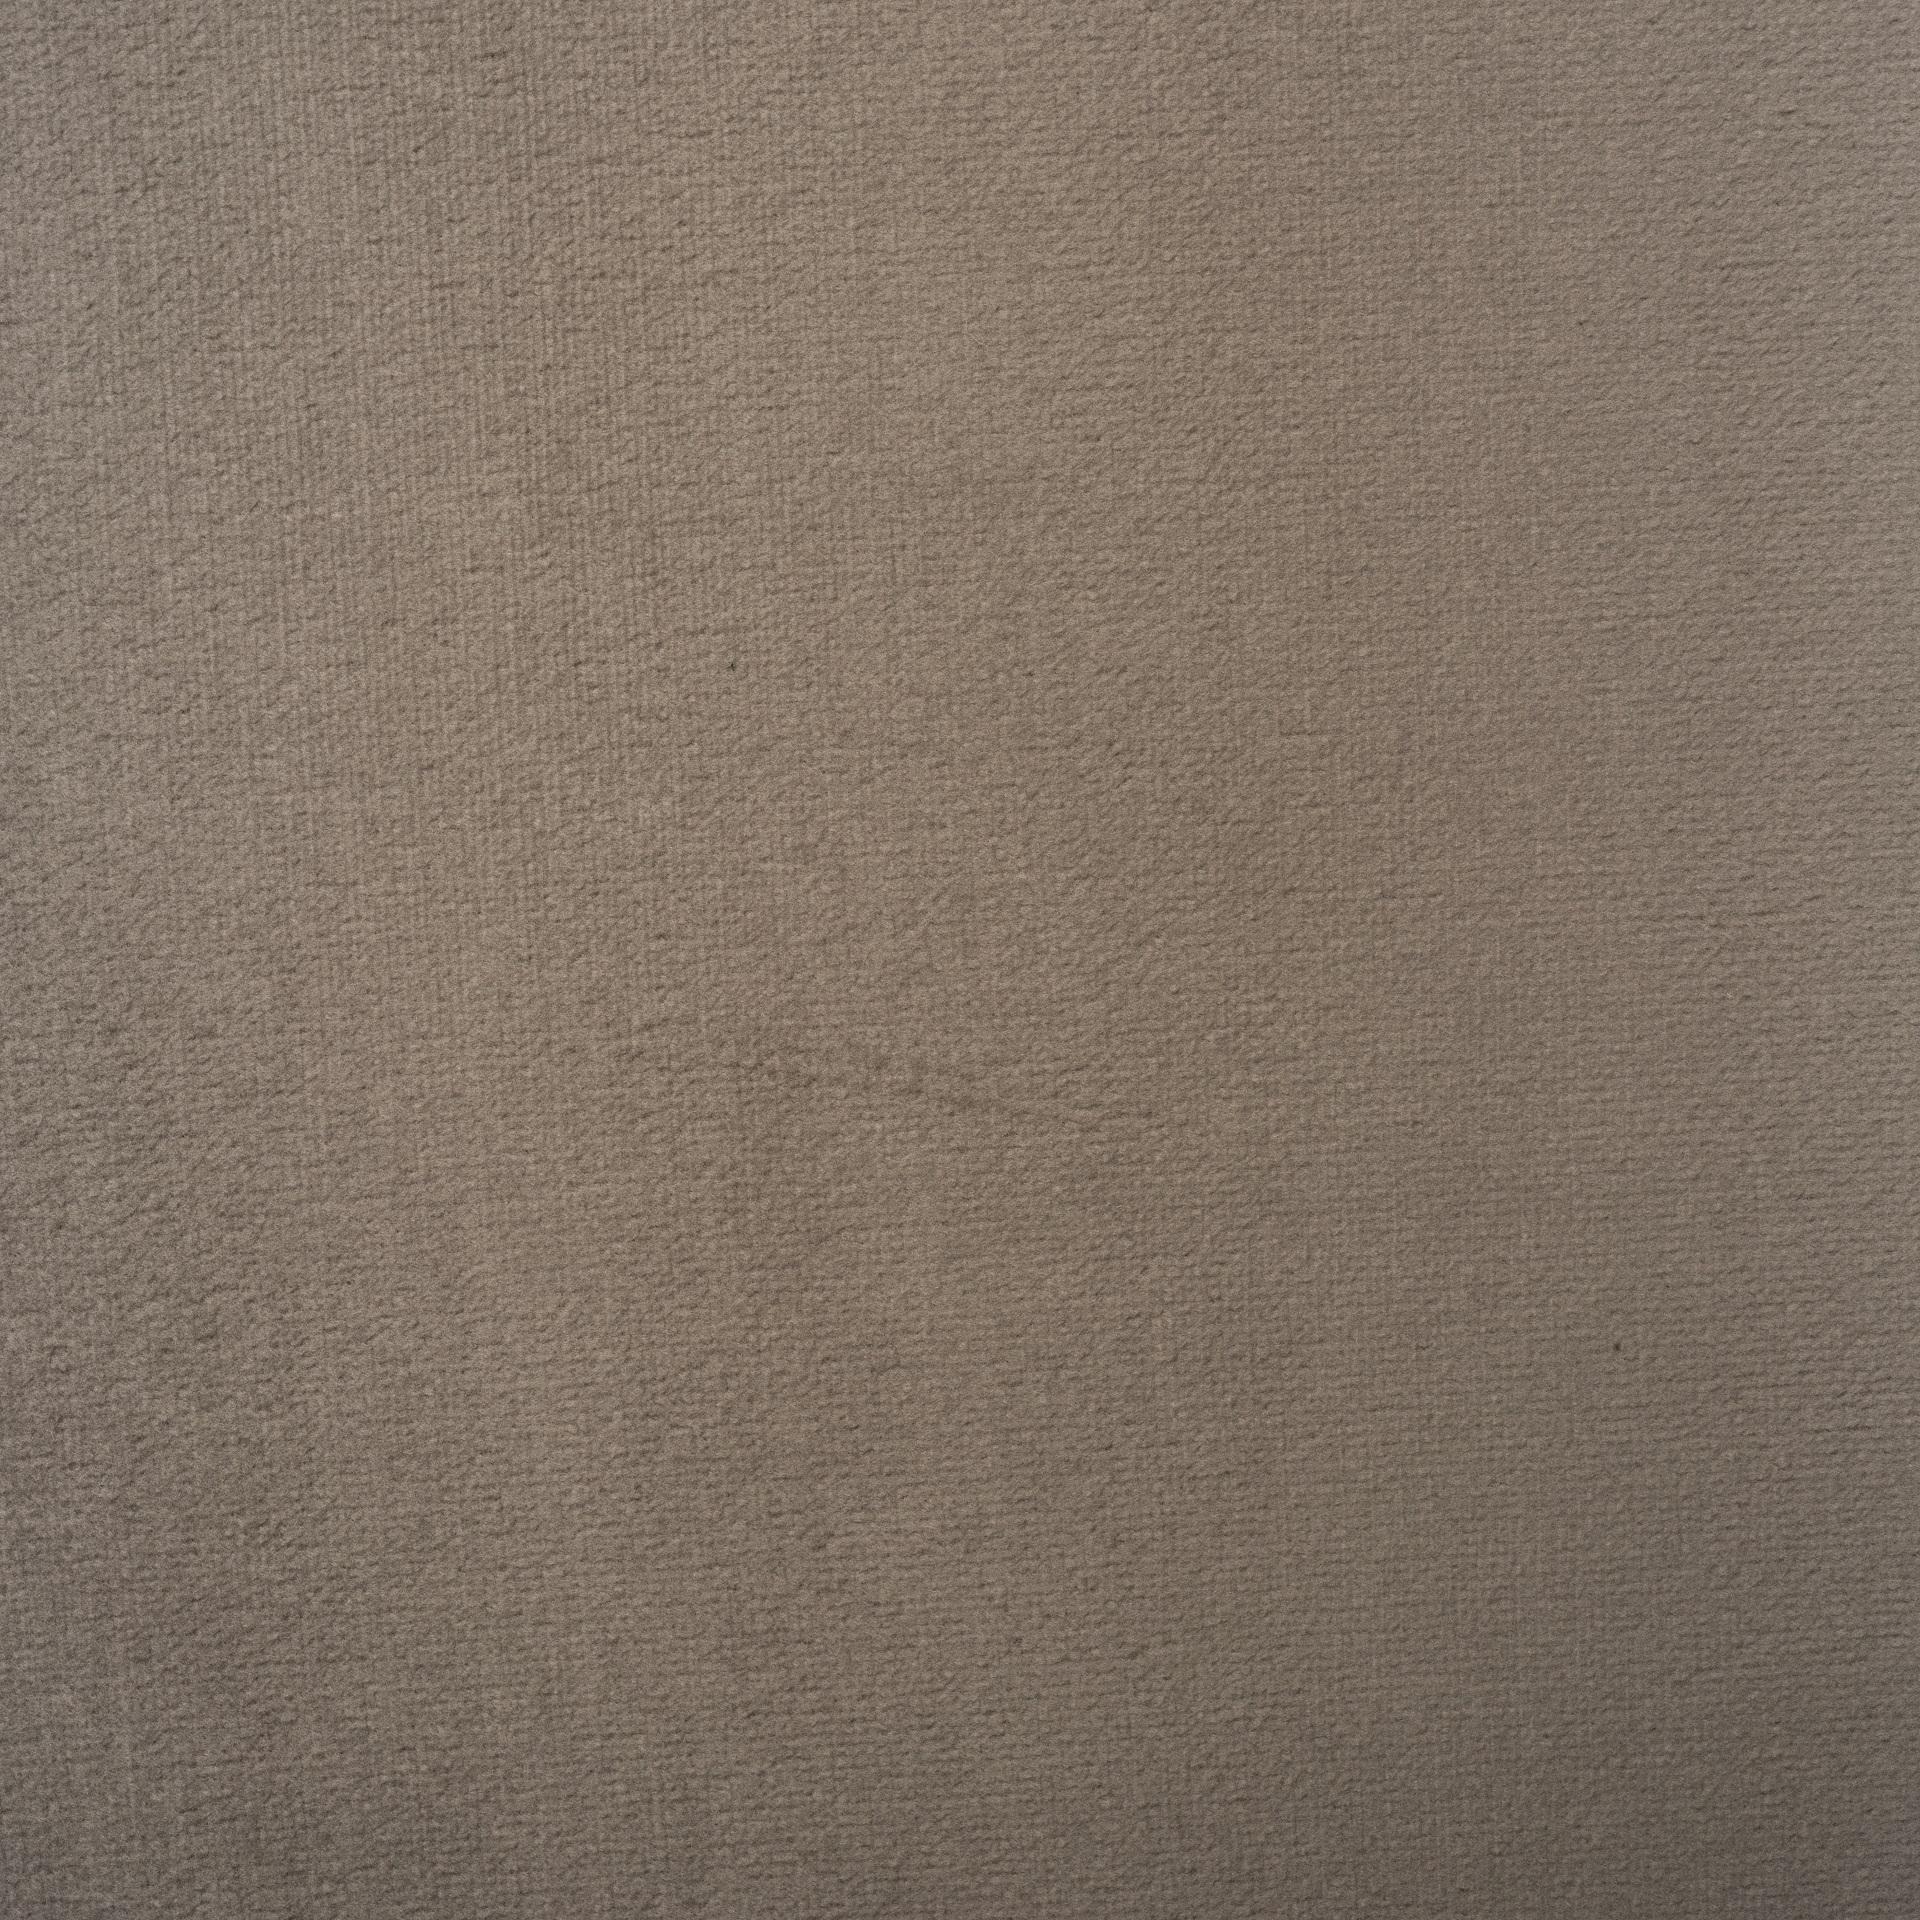 Коллекция ткани Багира 33 SILVER MINK,  купить ткань Велюр для мебели Украина